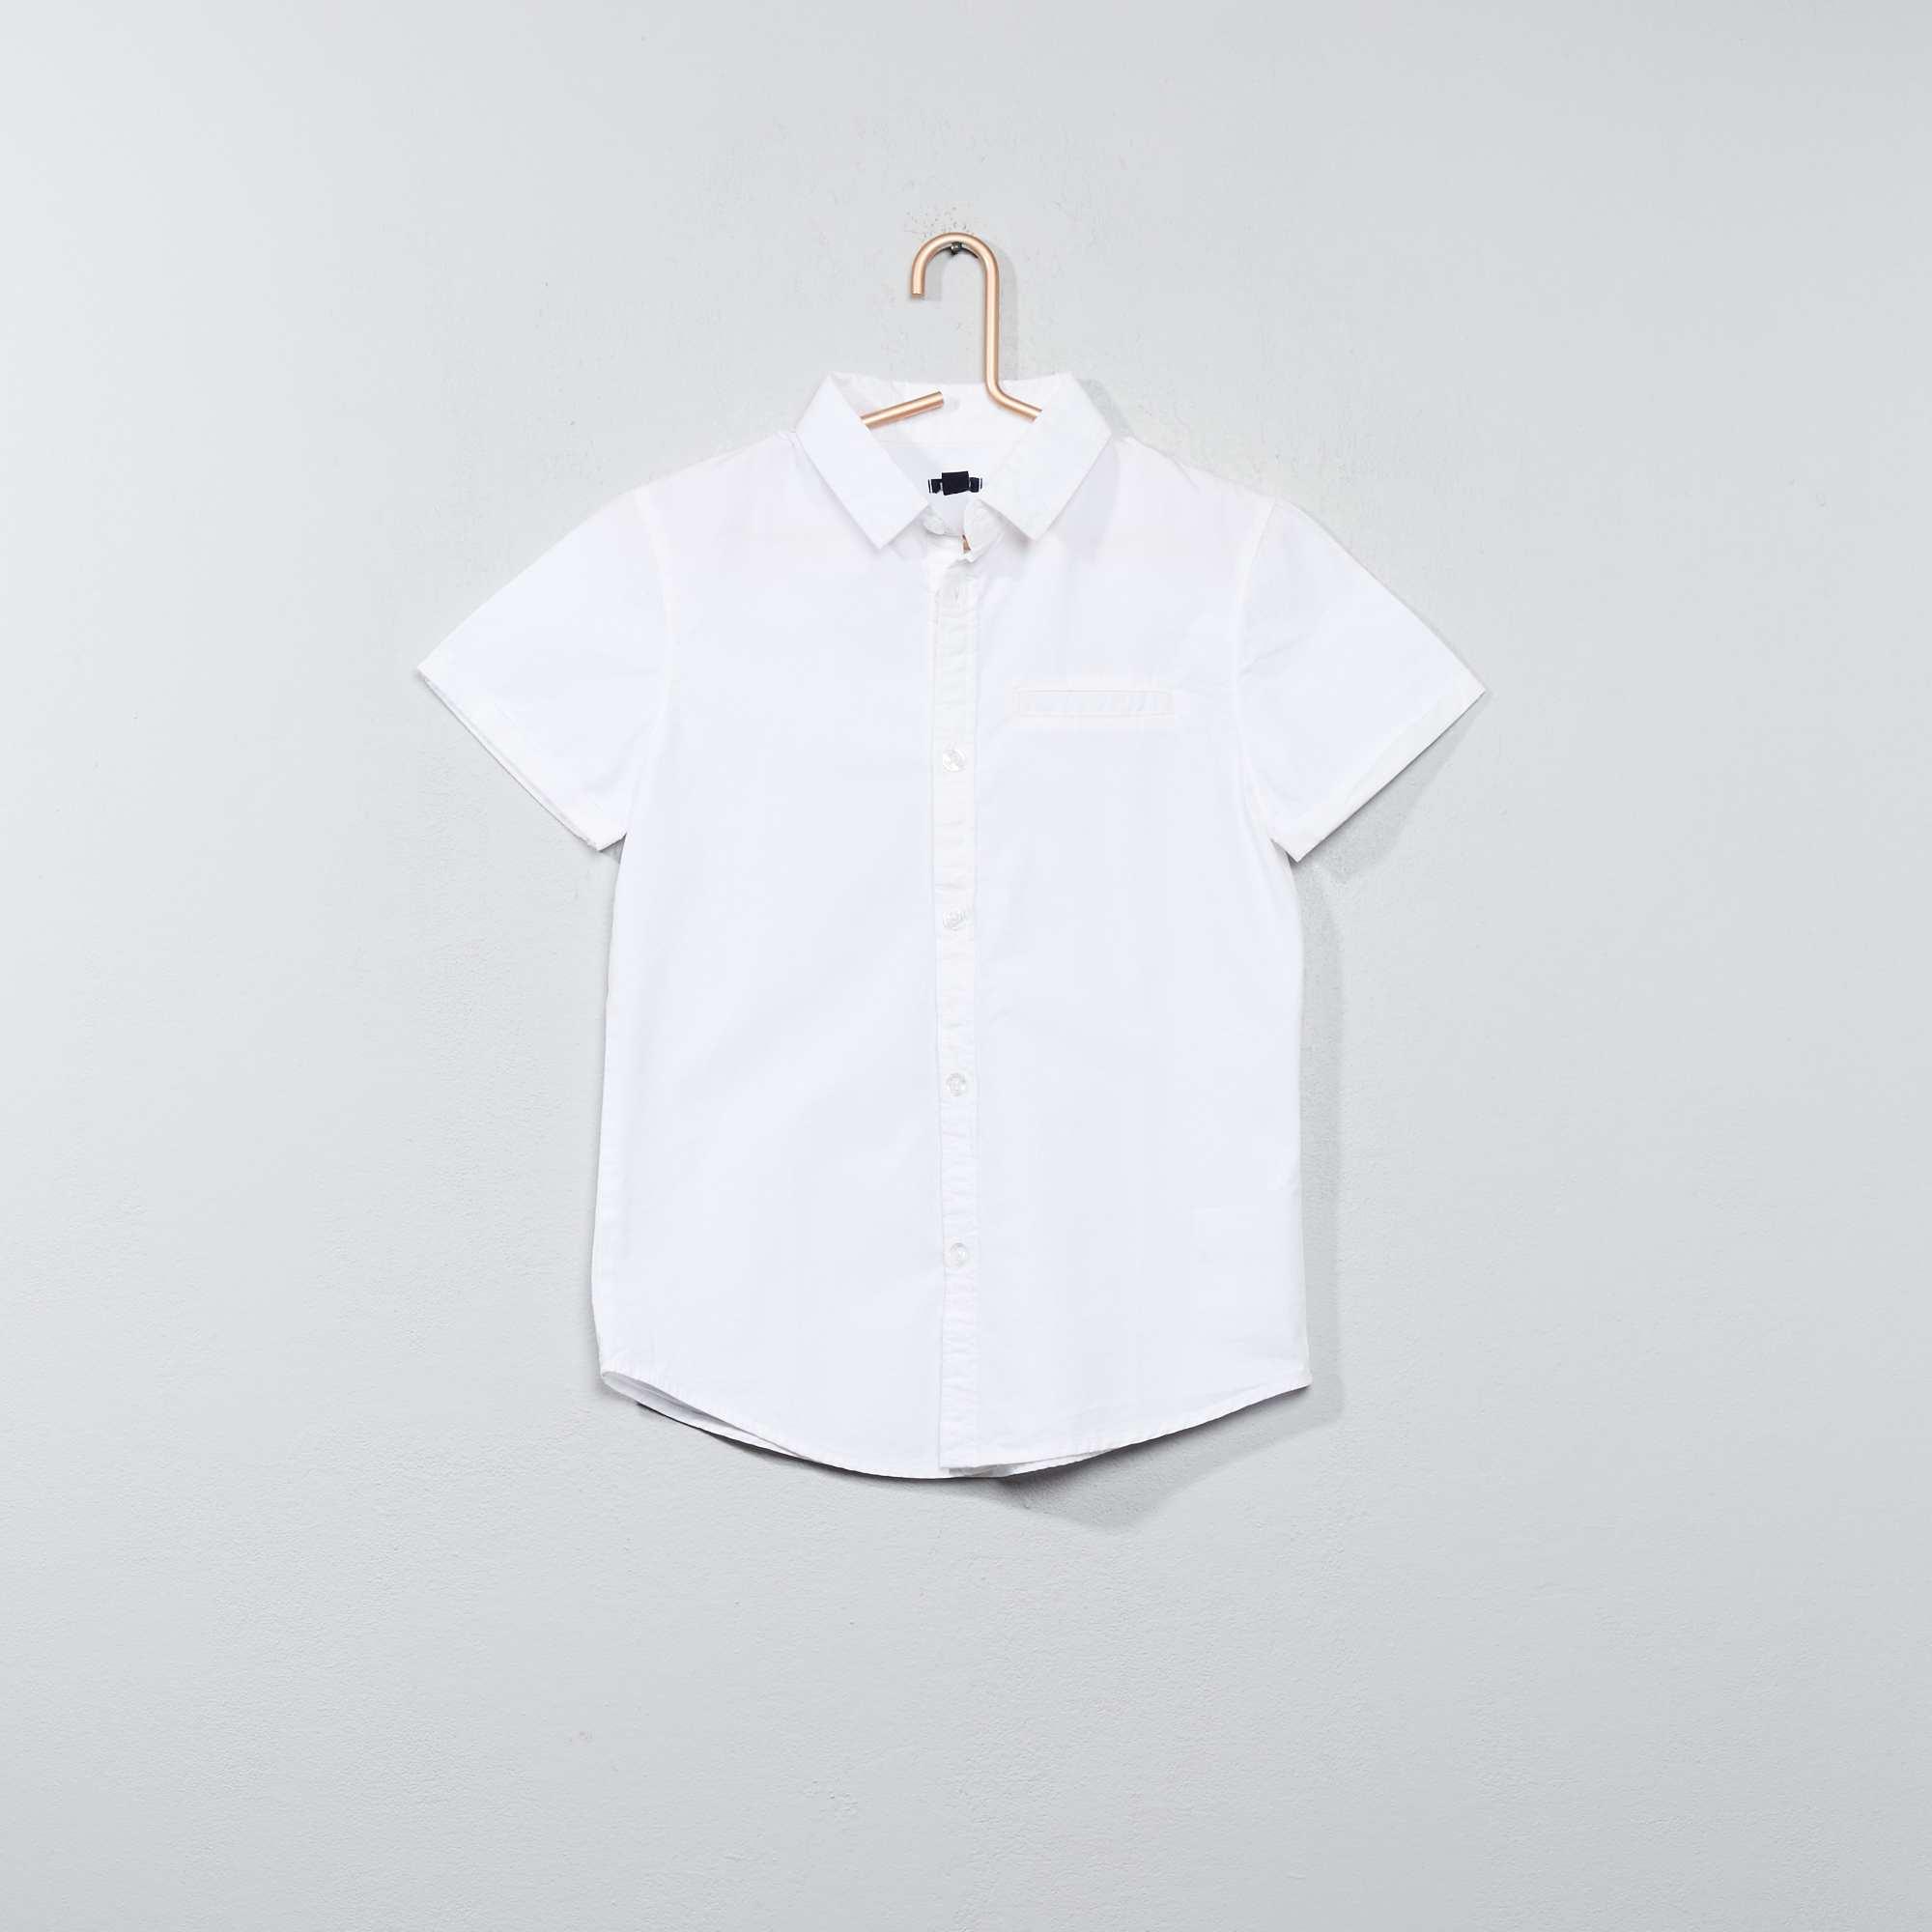 b1702db02b Camisa de manga corta de popelina de algodón Chico - blanco - Kiabi ...